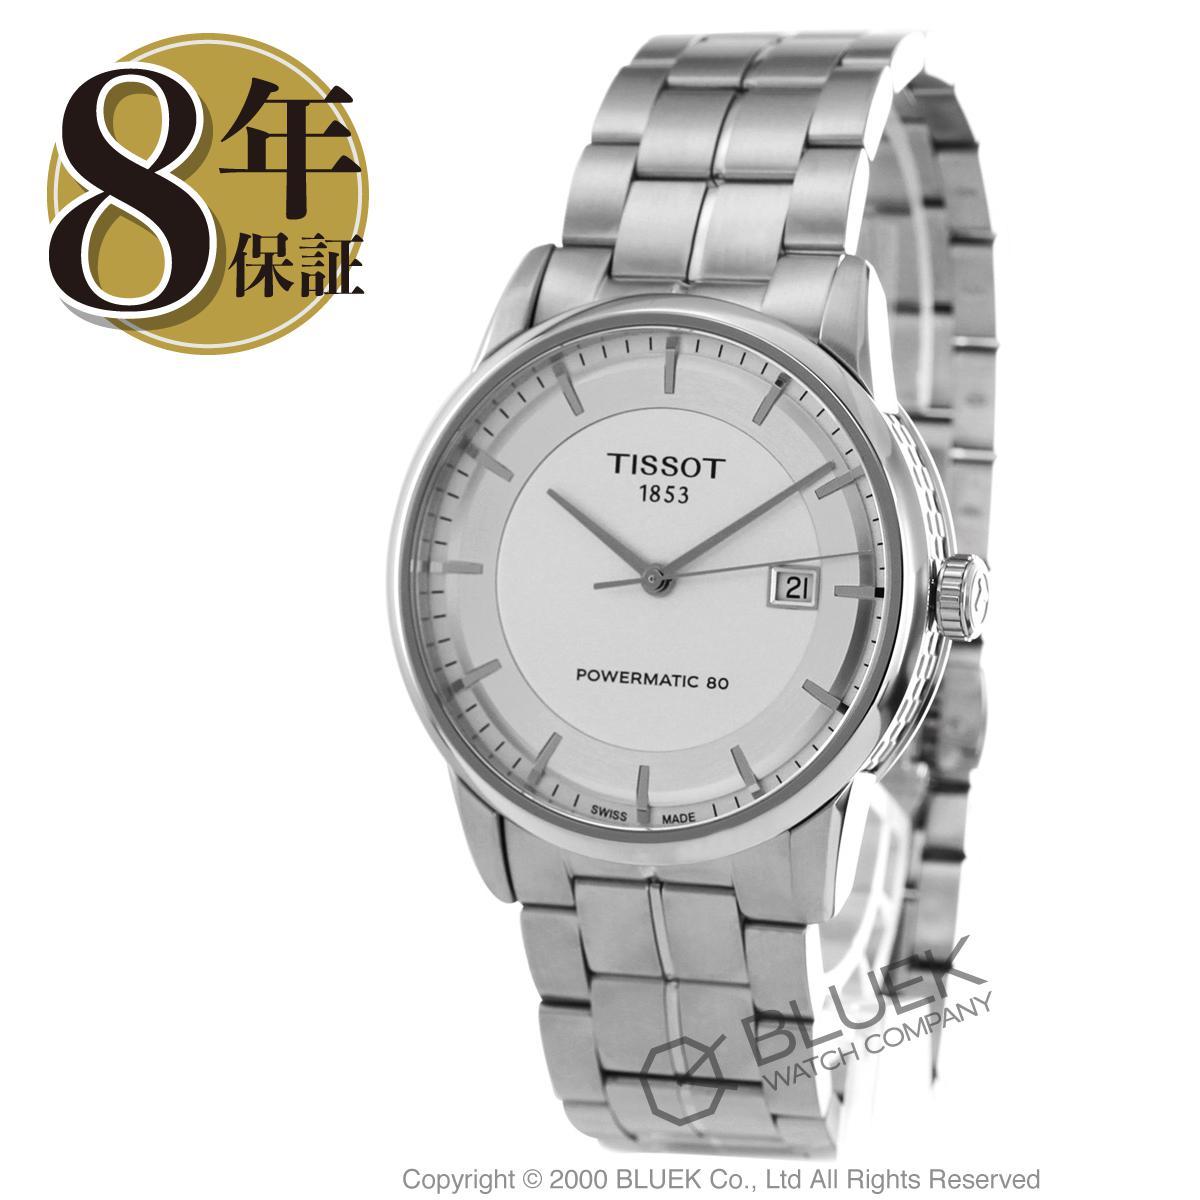 ティソ T-クラシック ラグジュアリー 腕時計 メンズ TISSOT T086.407.11.031.00_8